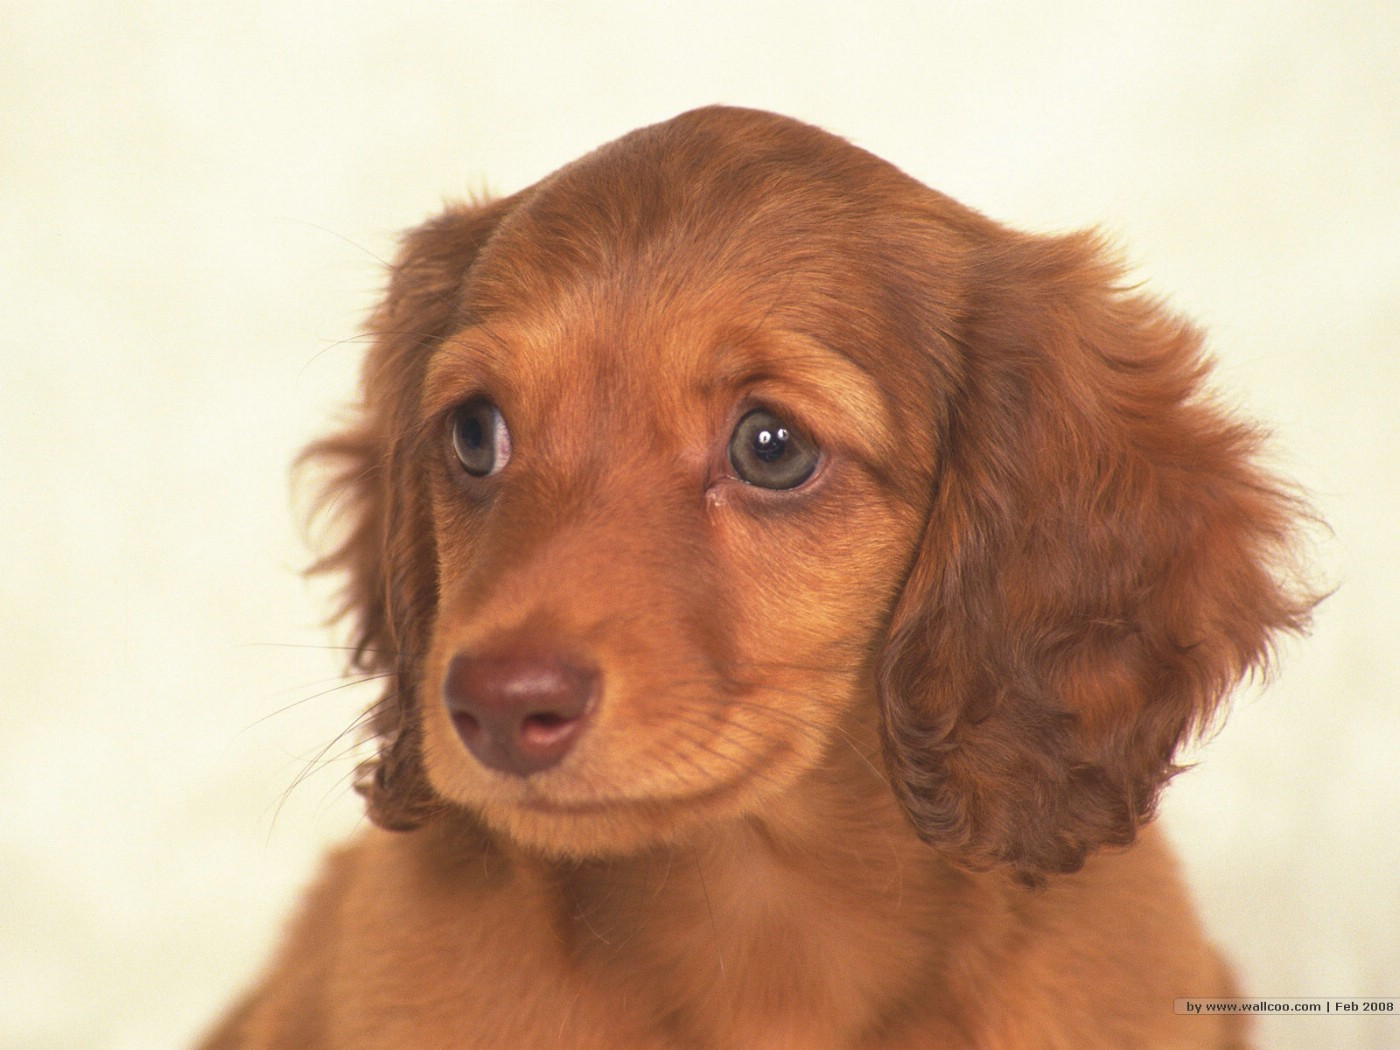 壁纸1400×1050可爱幼犬小狗狗图片